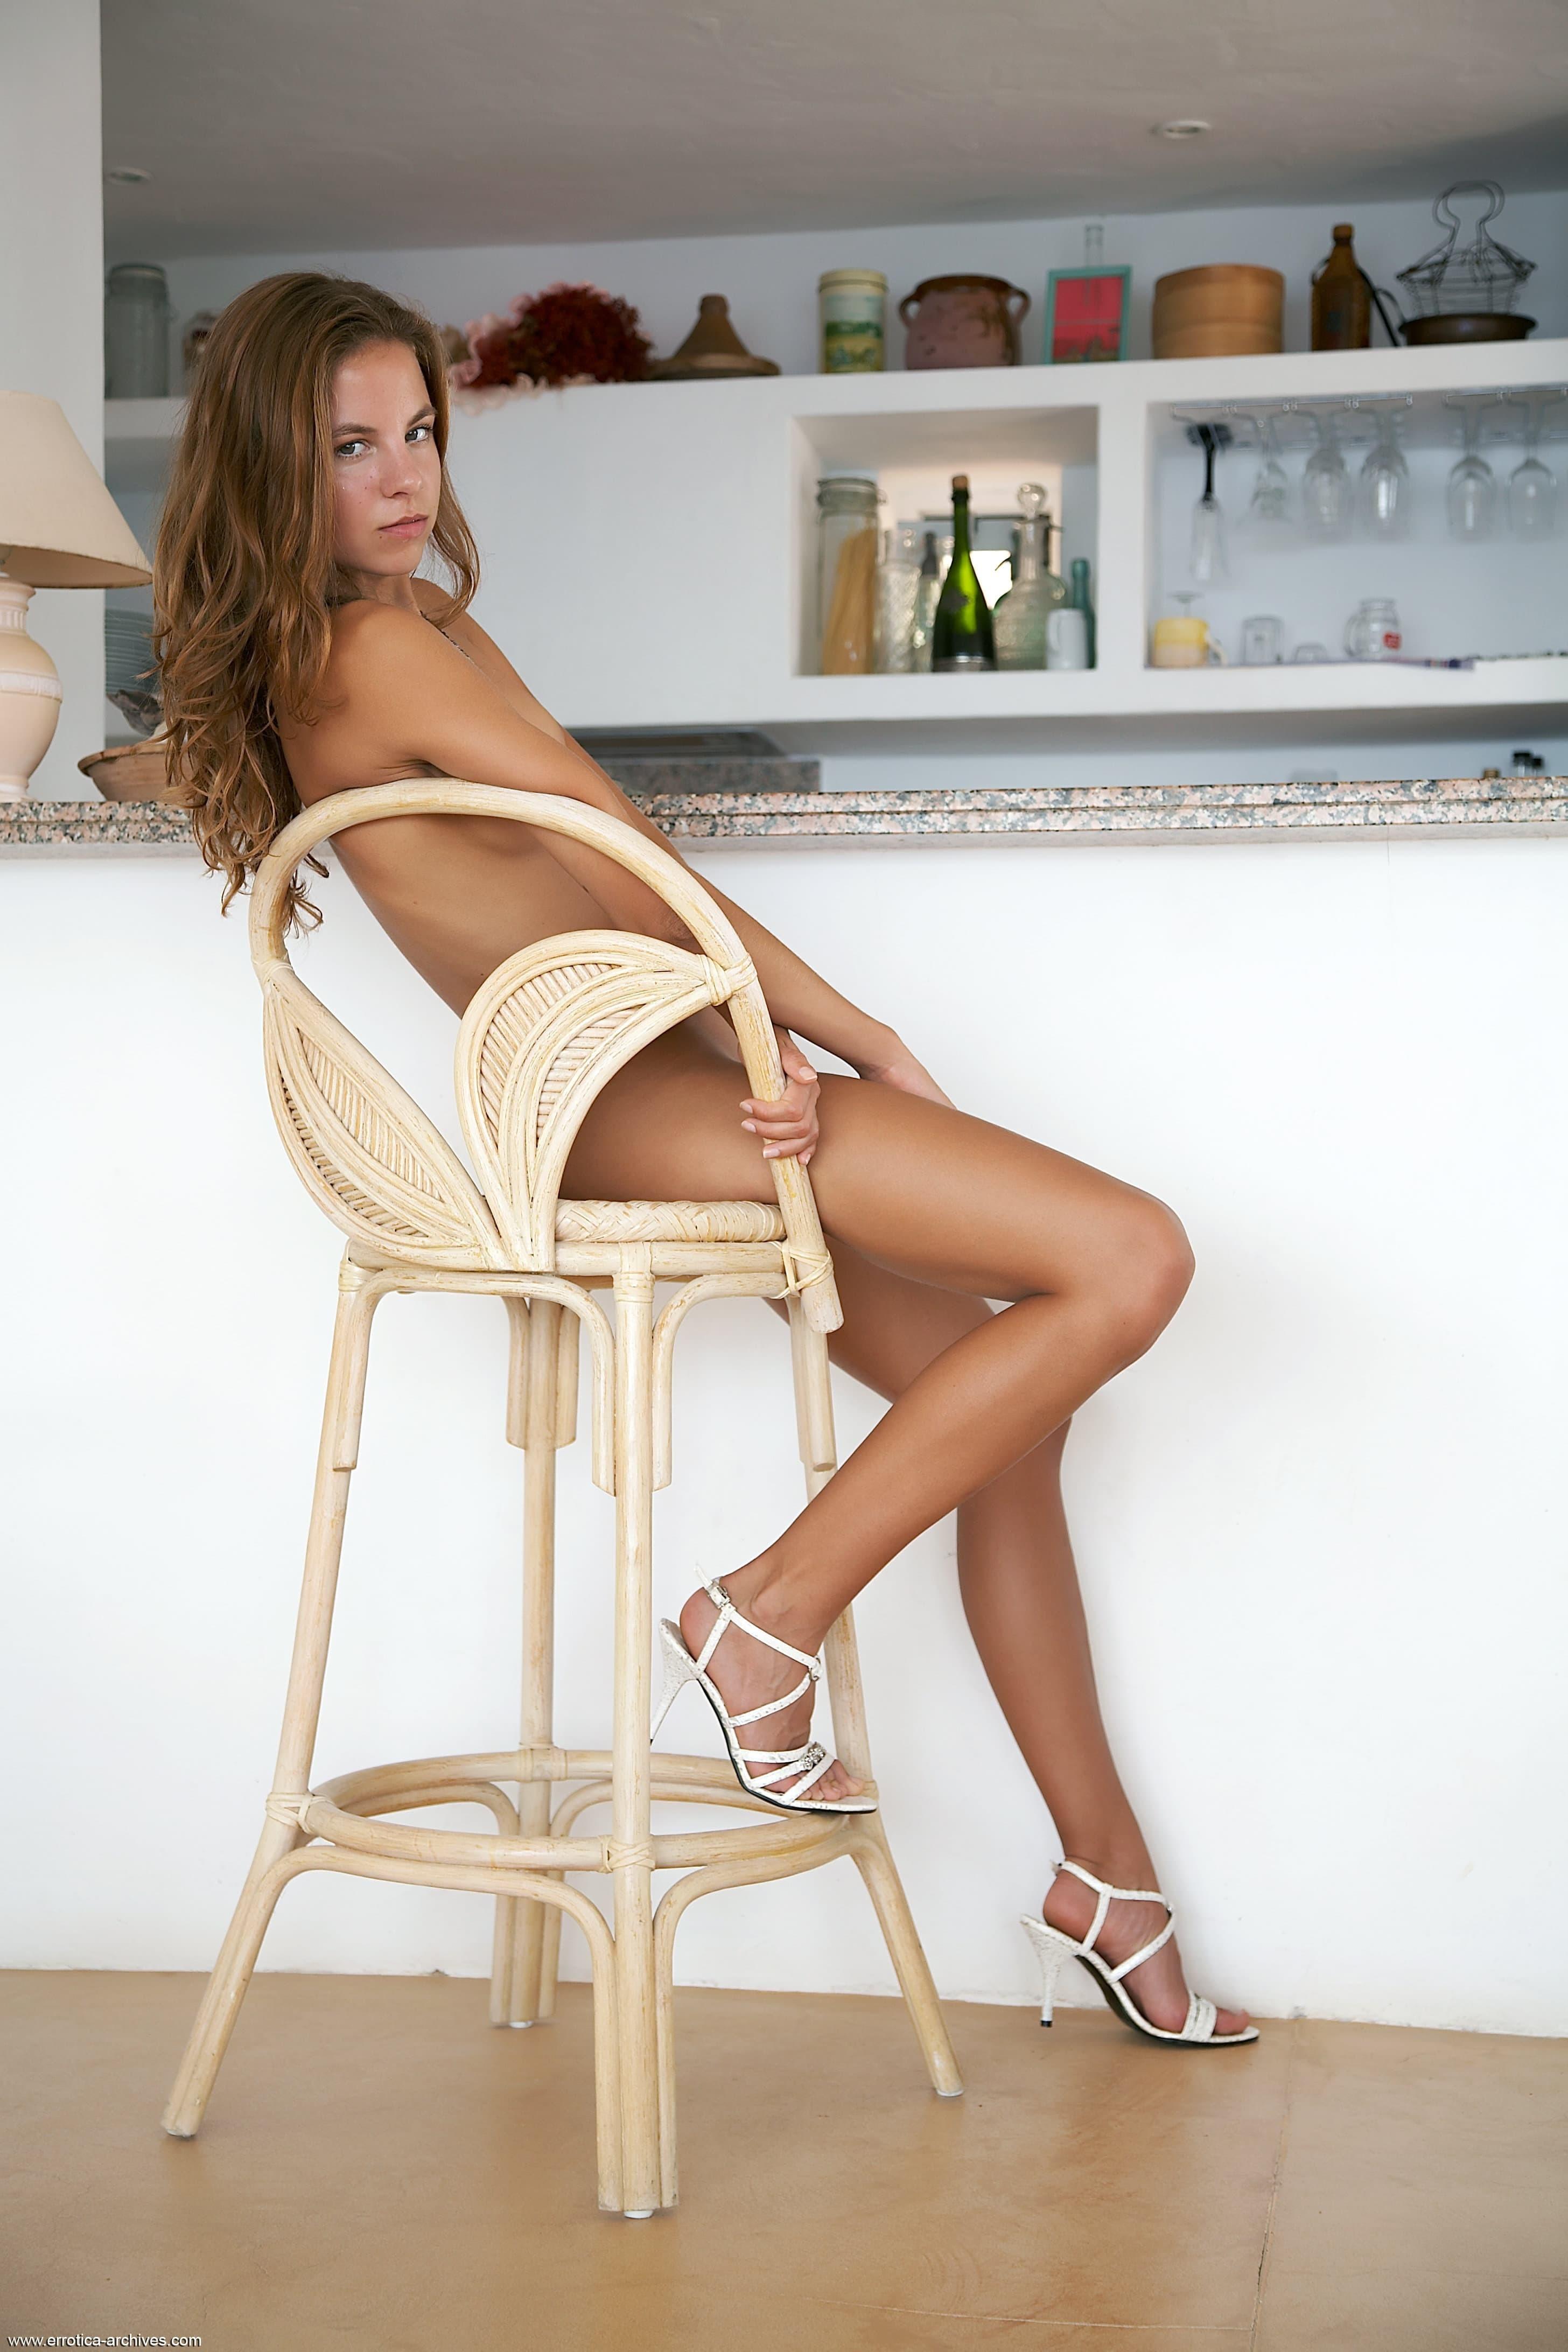 Загорелая голая красавица позирует у барной стойки - фото